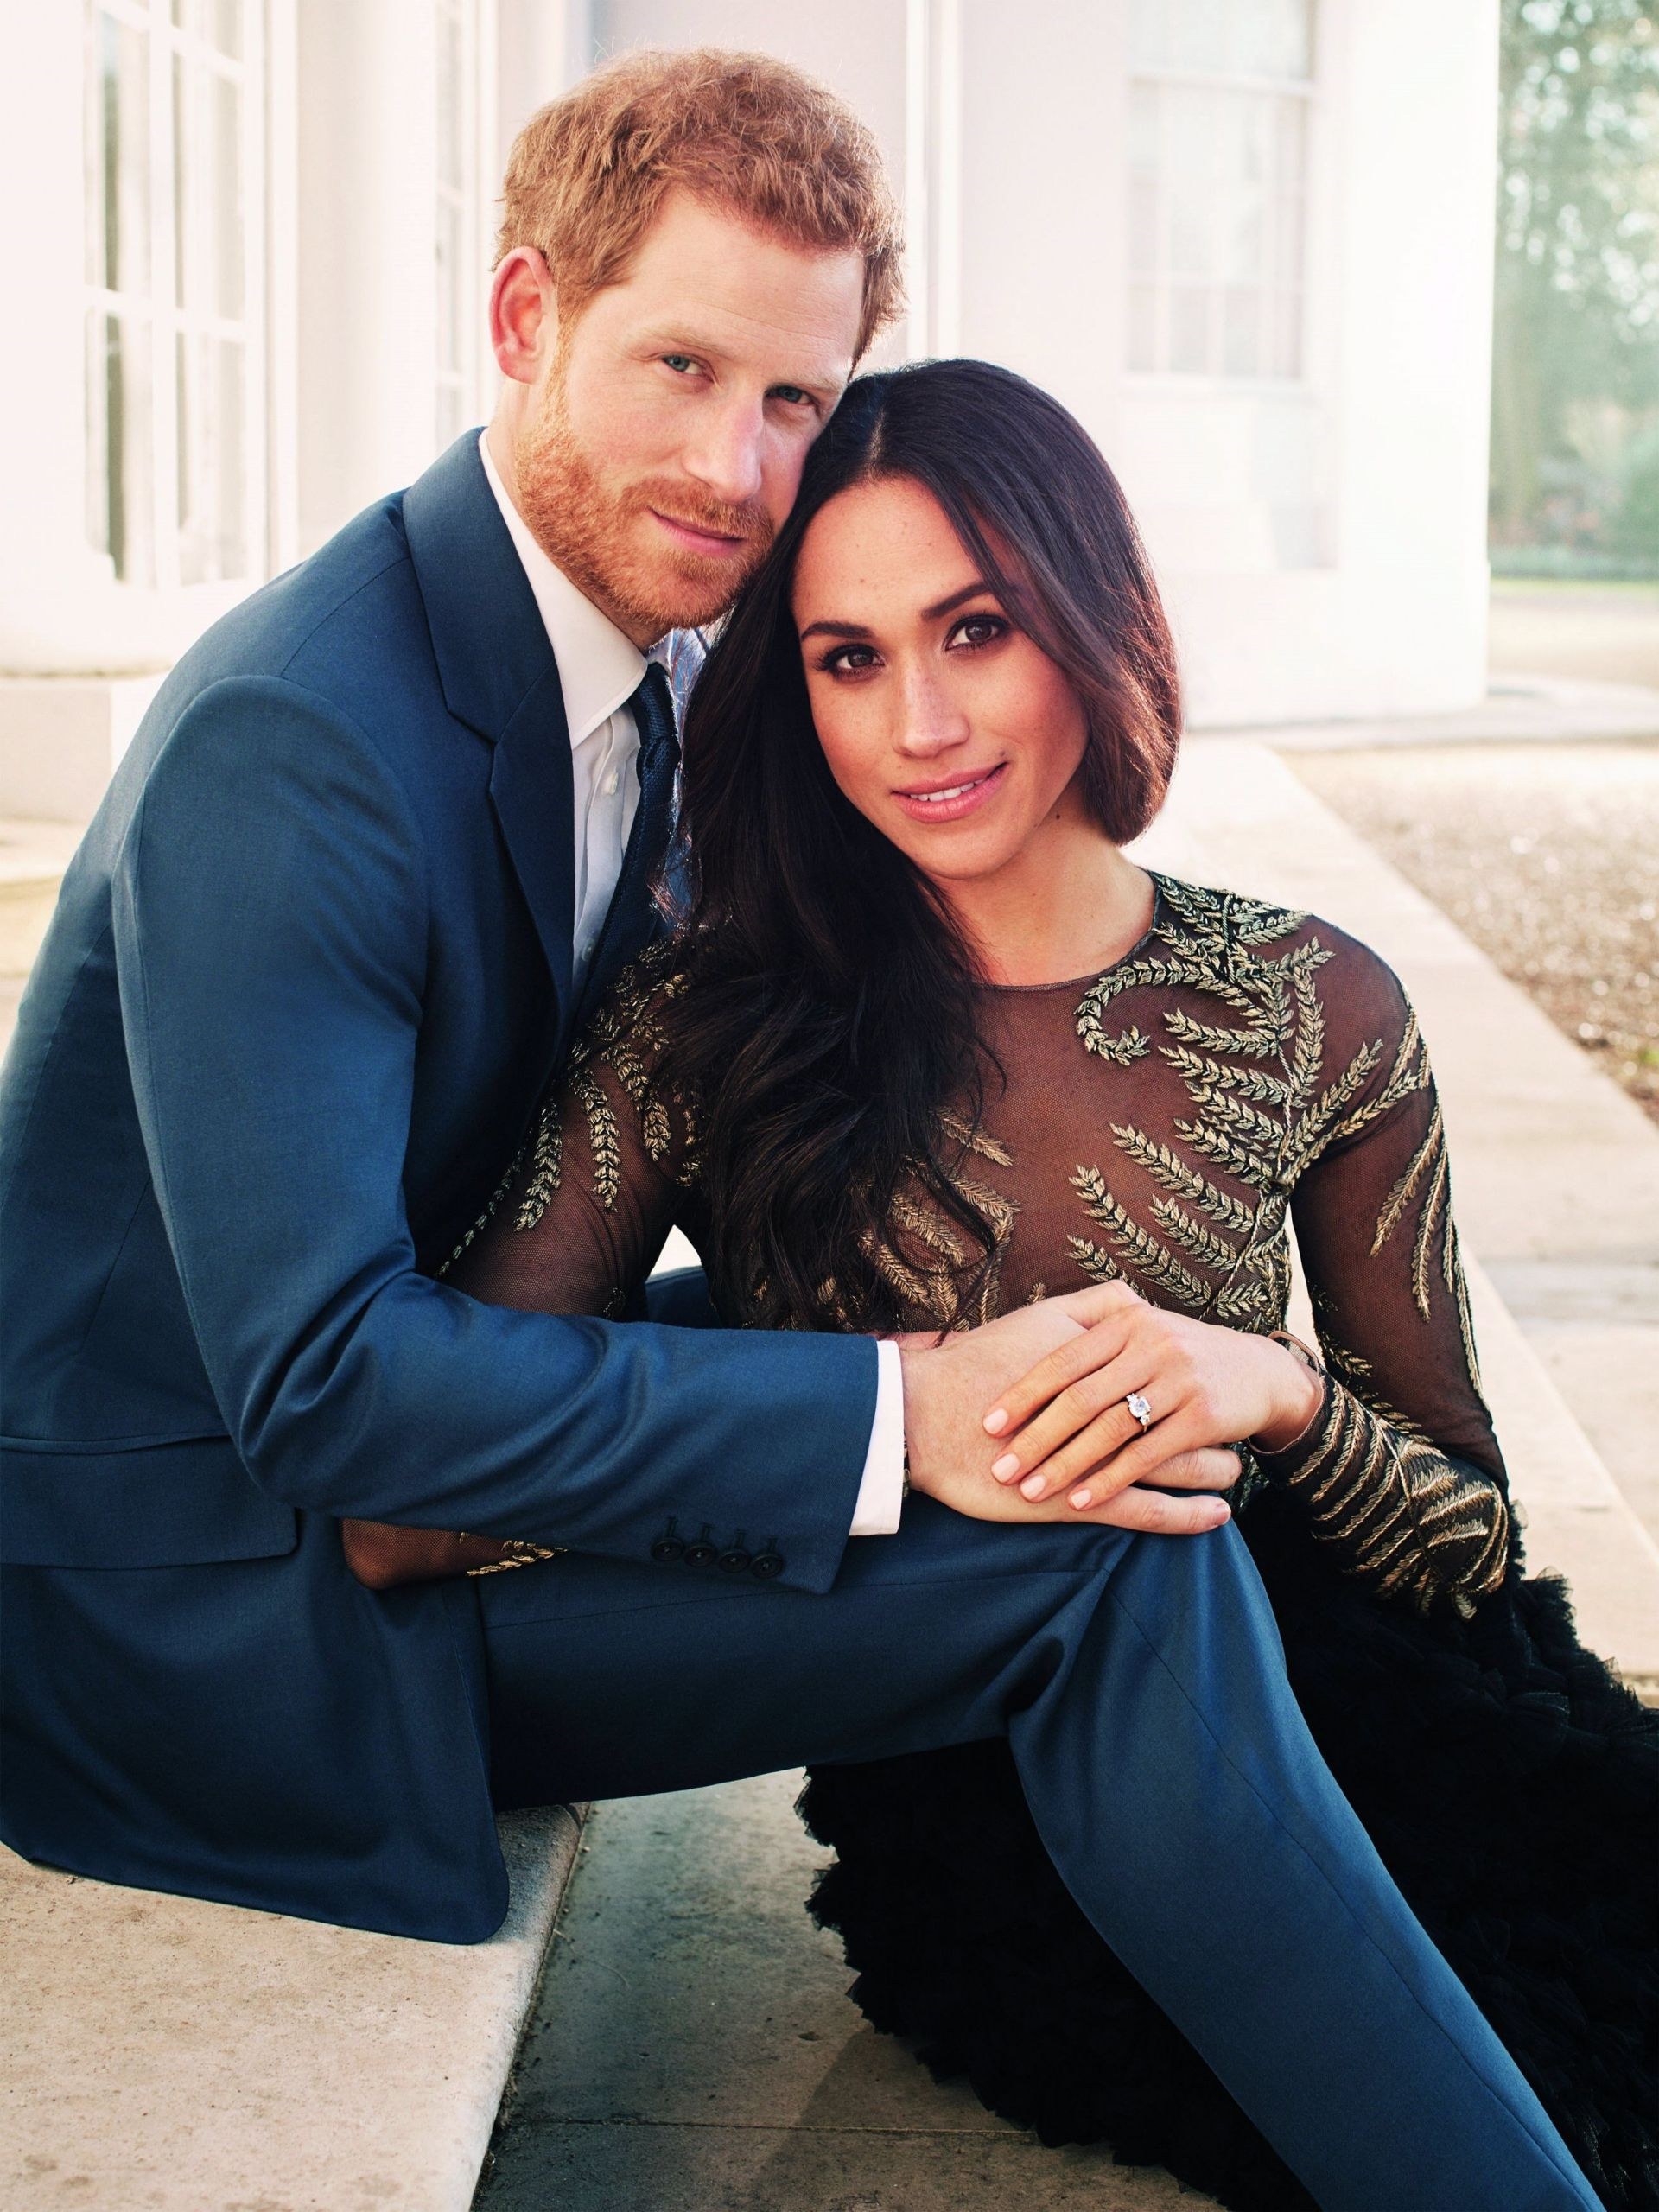 Fotografía oficial del compromiso del príncipe Enrique de Inglaterra y de la actriz estadounidense Meghan Markle realizada por el fotógrafo británico Alexi Lubomirski